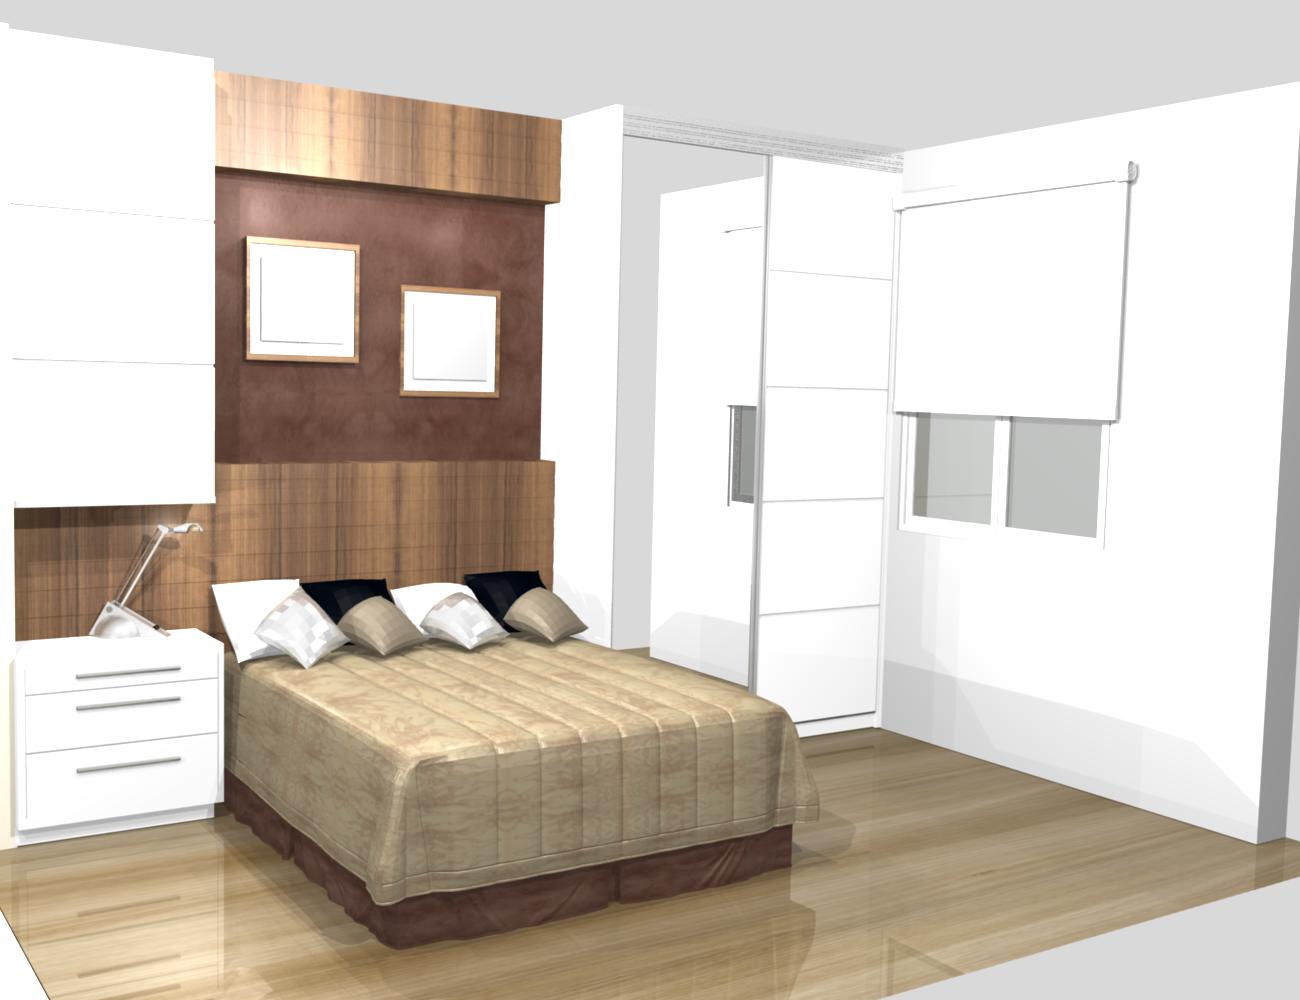 1 a moveis planejado quarto quartos dormitorios casal - Dormitorios pequenos modernos ...